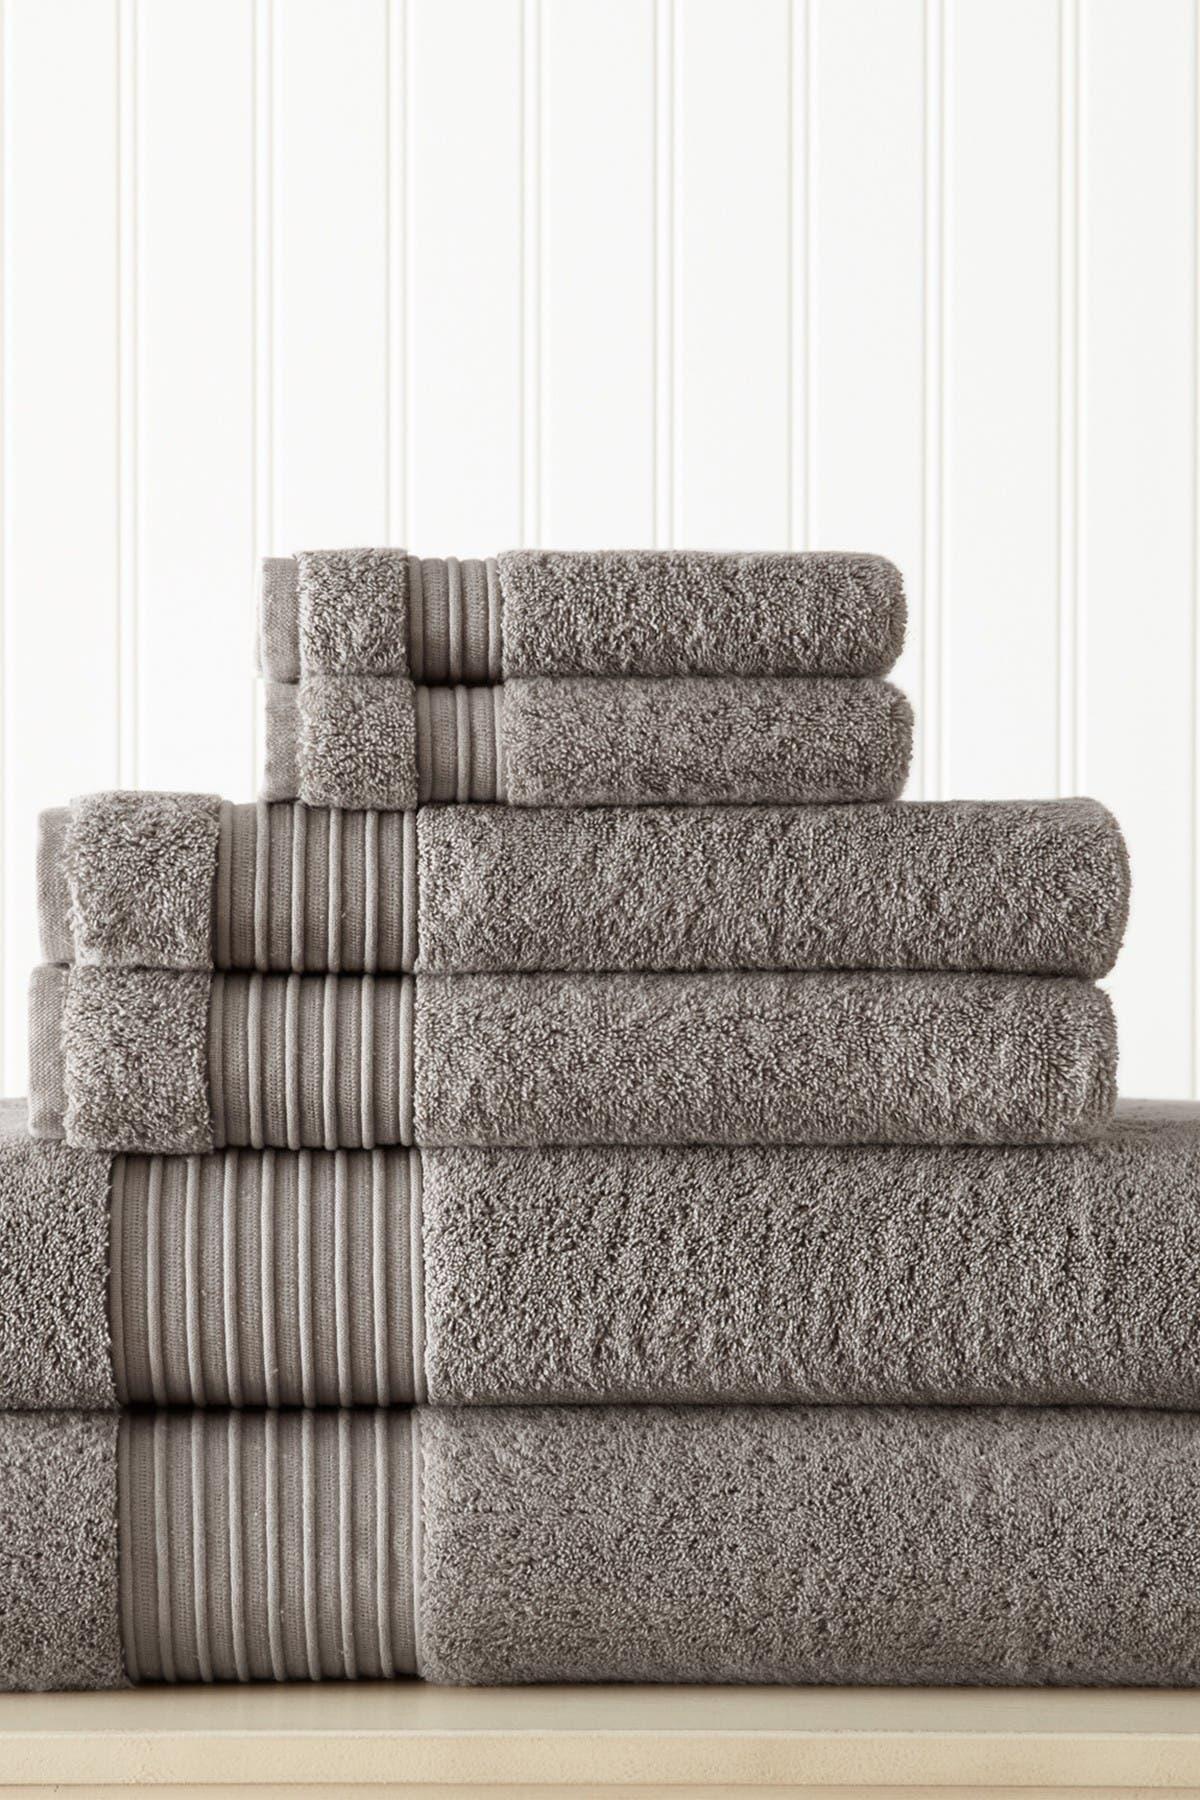 Image of Modern Threads 6-Piece Turkish Cotton Towel Set - Platinum